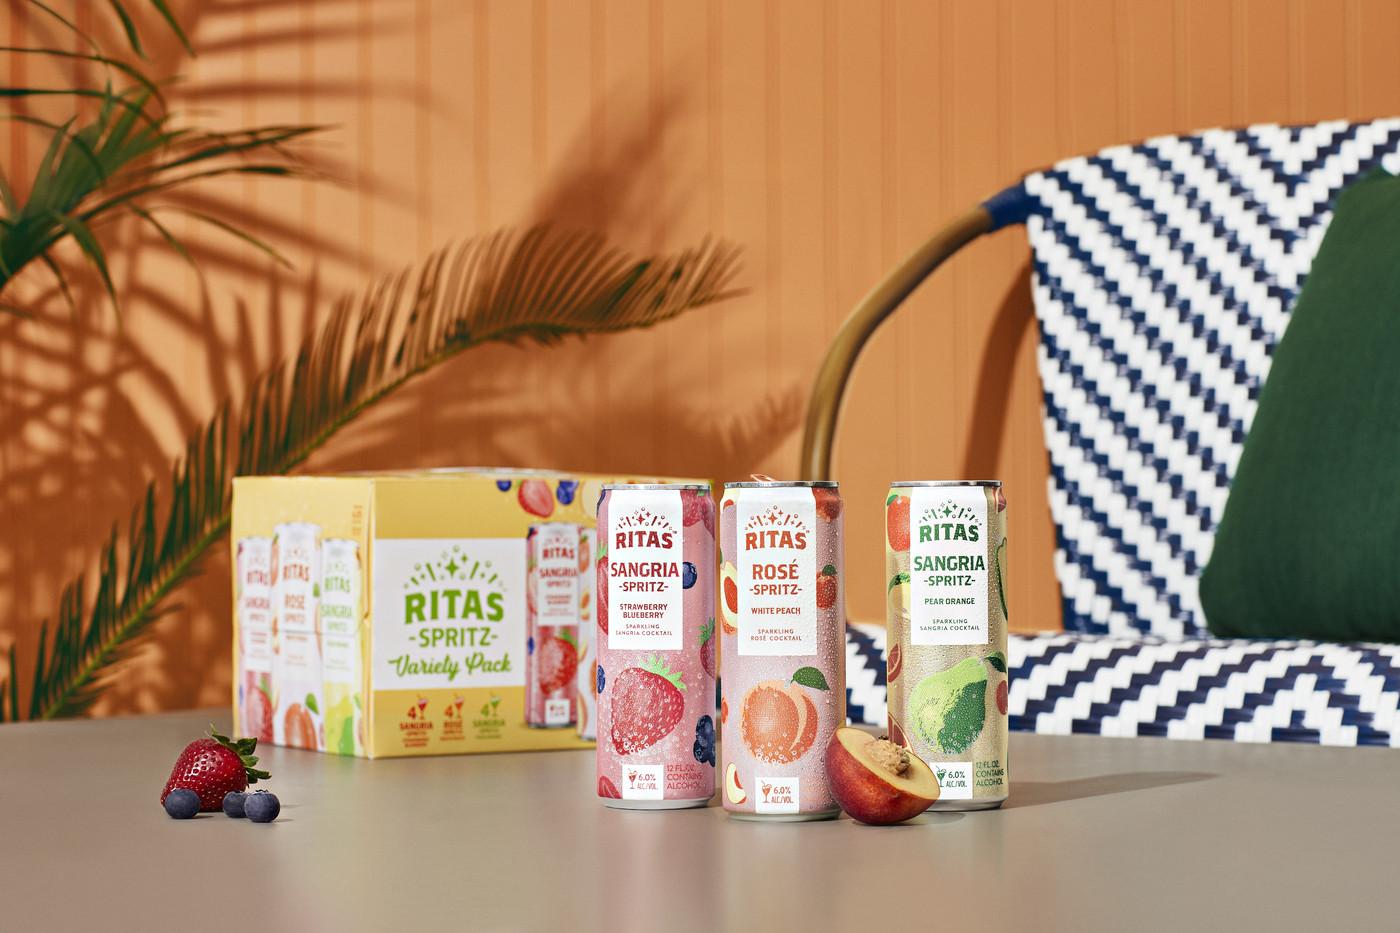 Naturdays Lime A Rita And Corona Refrescas Explained Vox